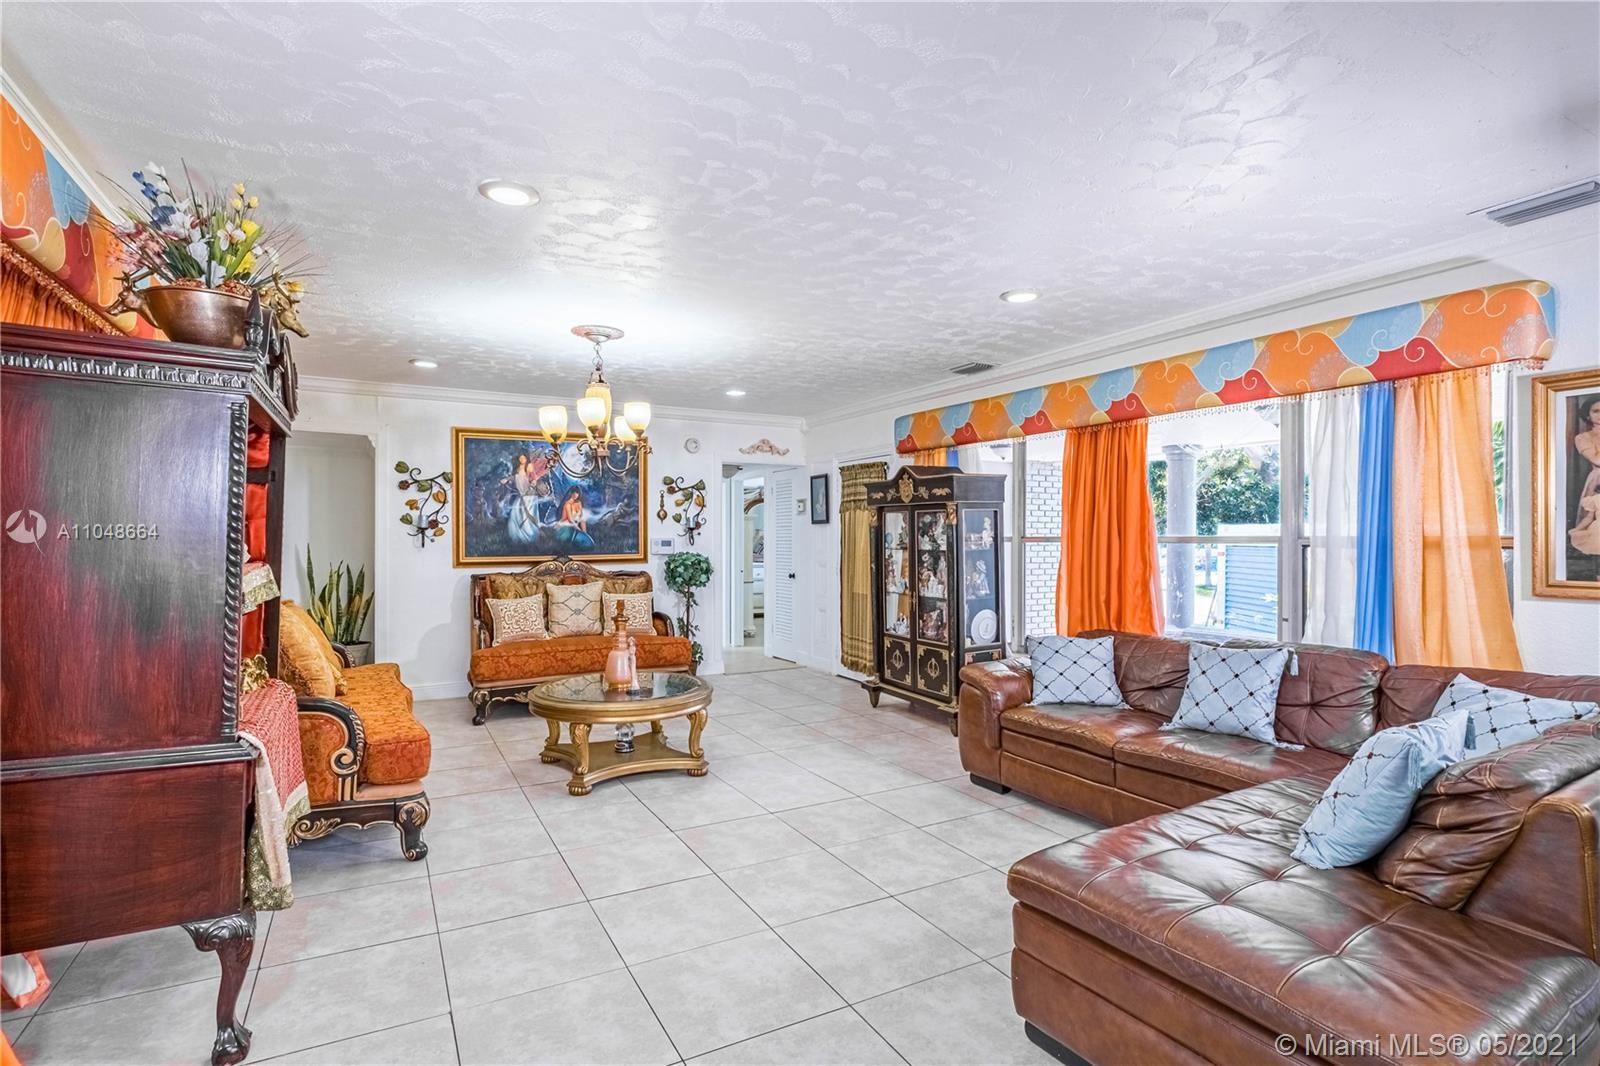 8261 N Bayshore Dr, Miami, FL 33138 - #: A11048664